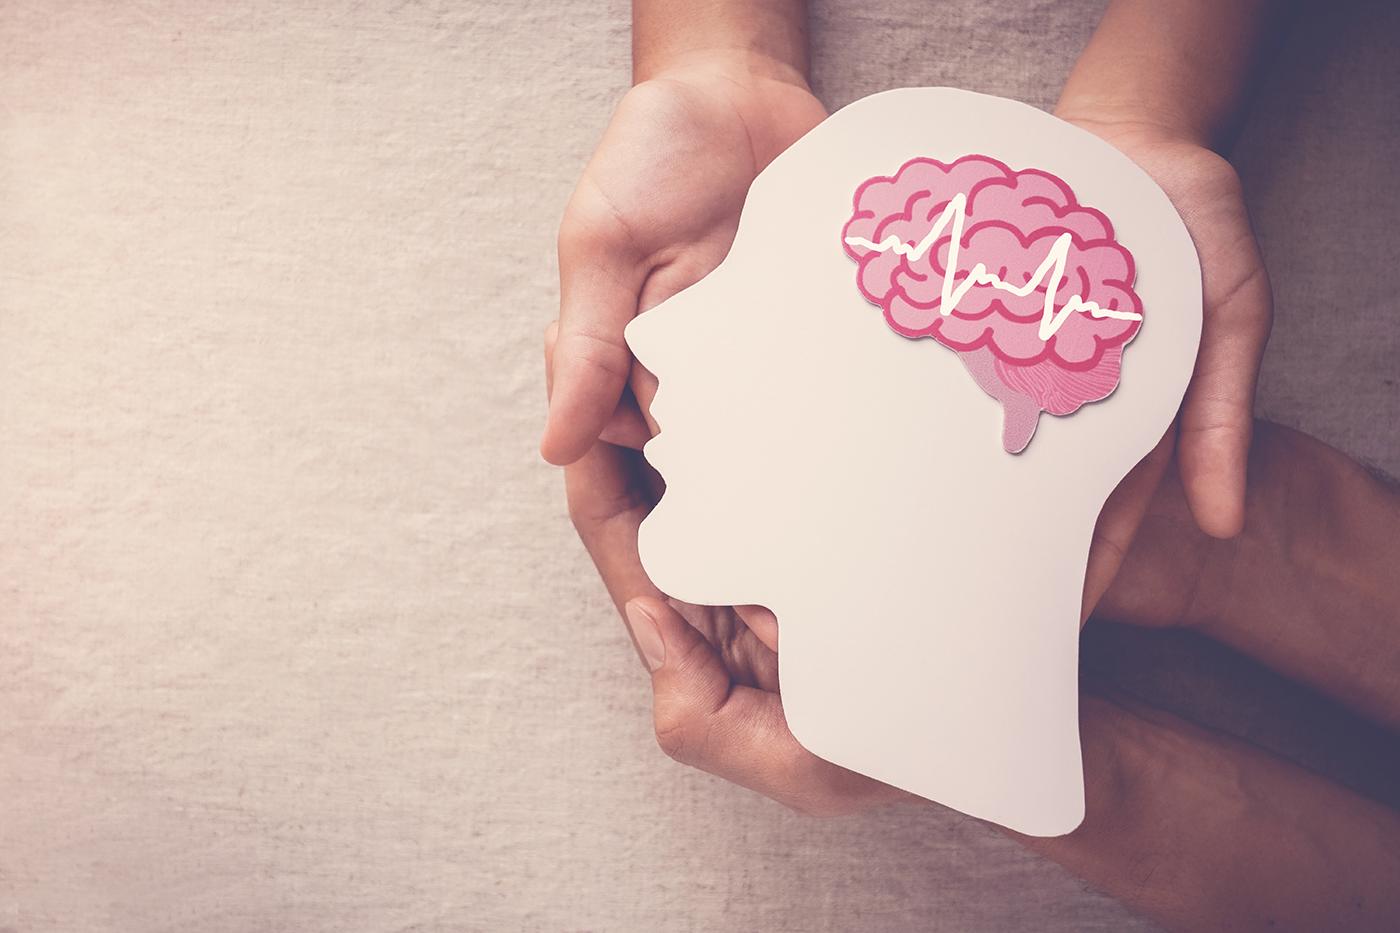 comprendre pour mieux accompagner : les nouvelles connaissances sur le cerveau de l'enfant